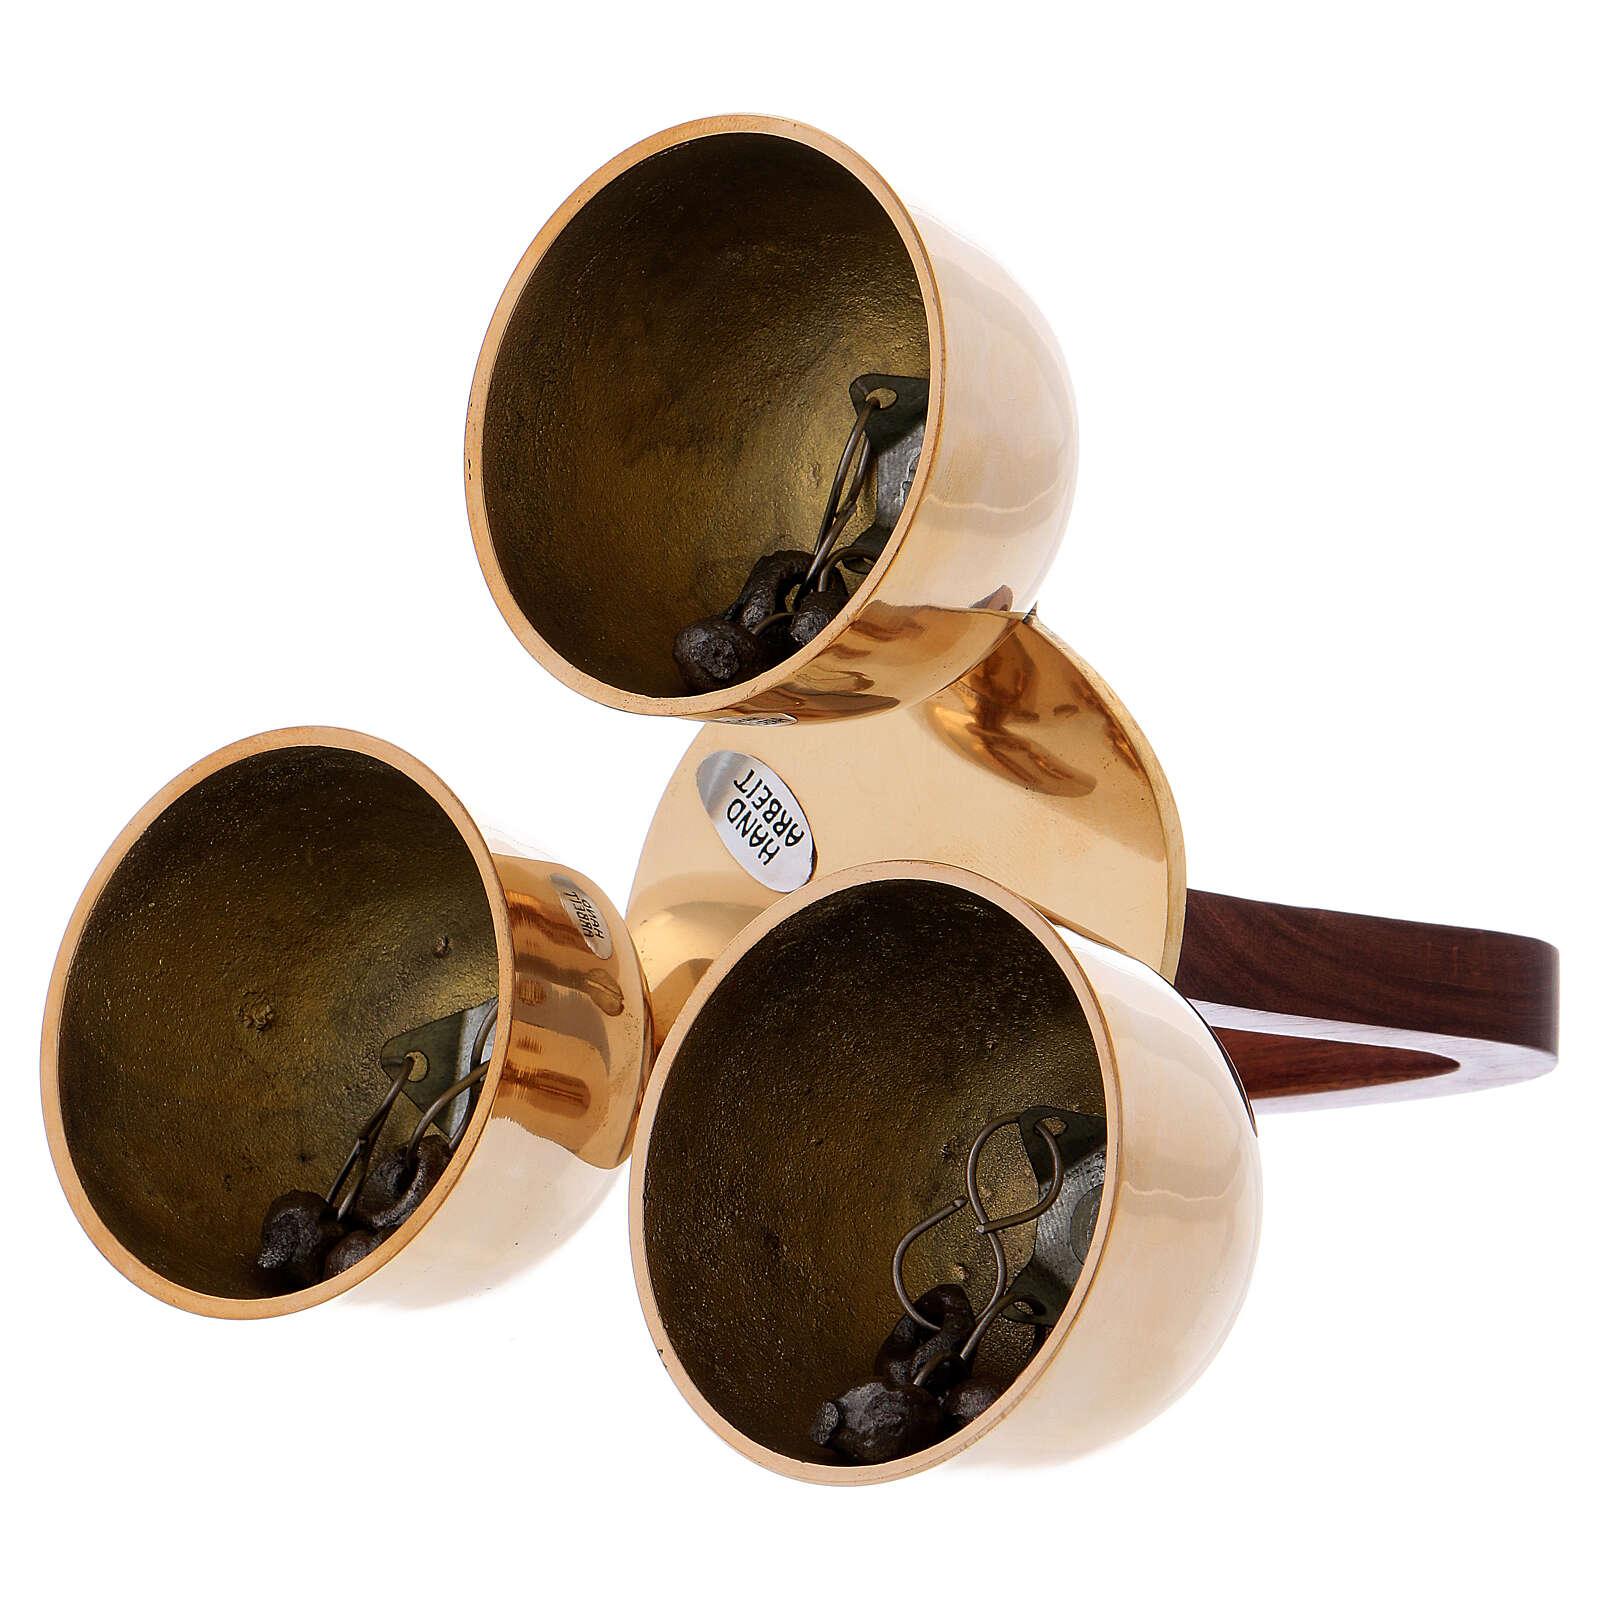 Altar bells 3 tones wood handle 3